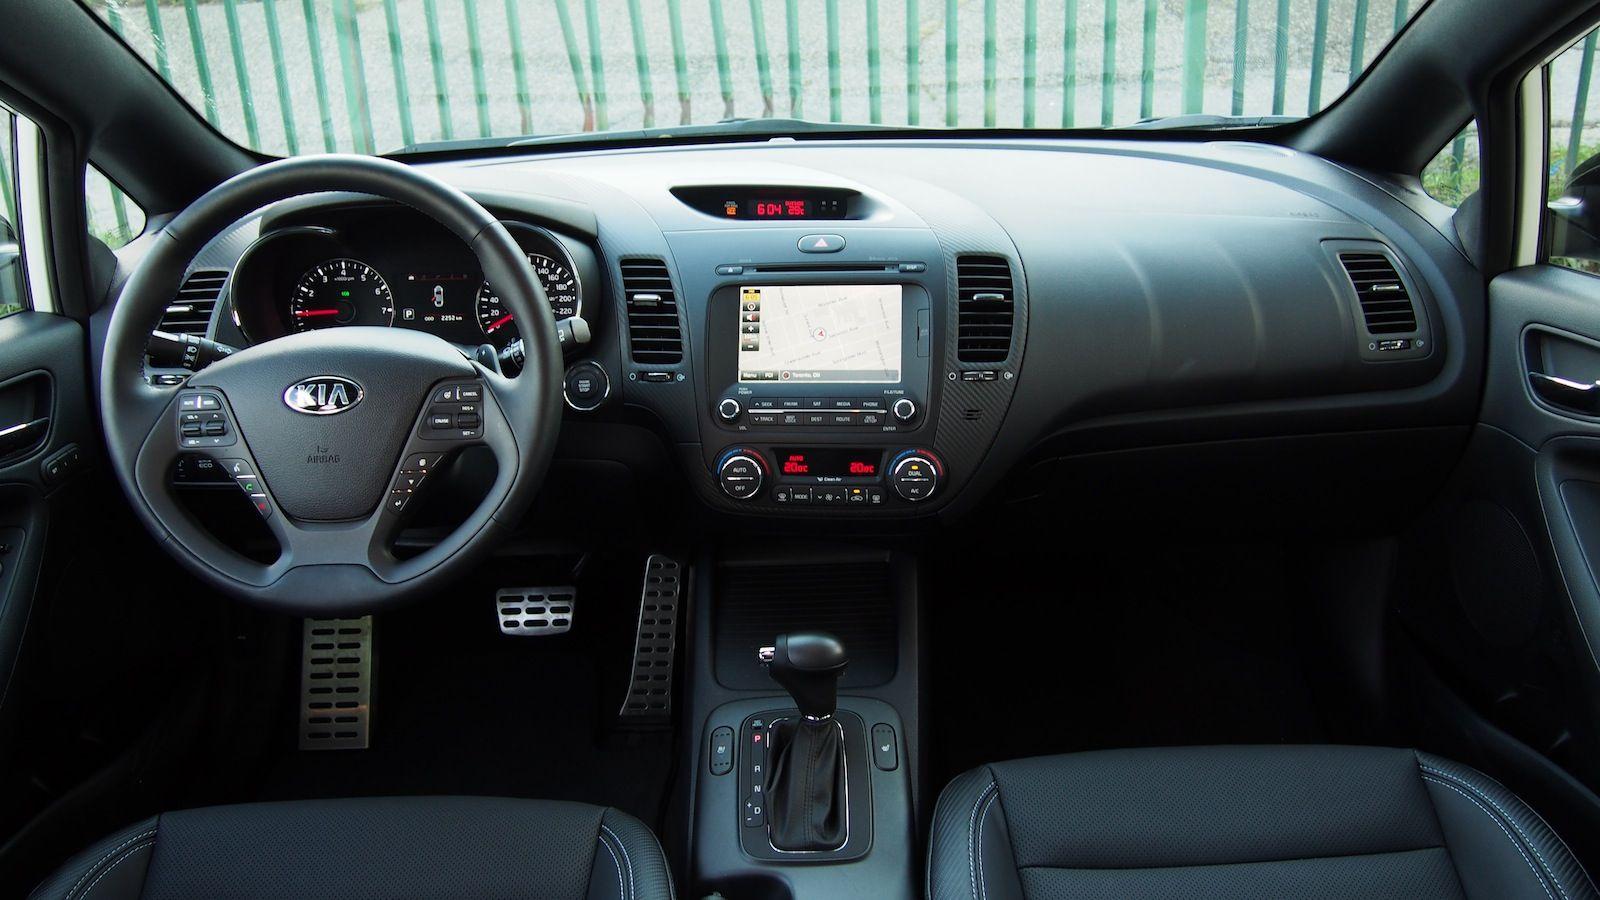 2015 Kia Forte5 Sx Luxury White Dash Interior Kelowna Sedona 250 491 5688